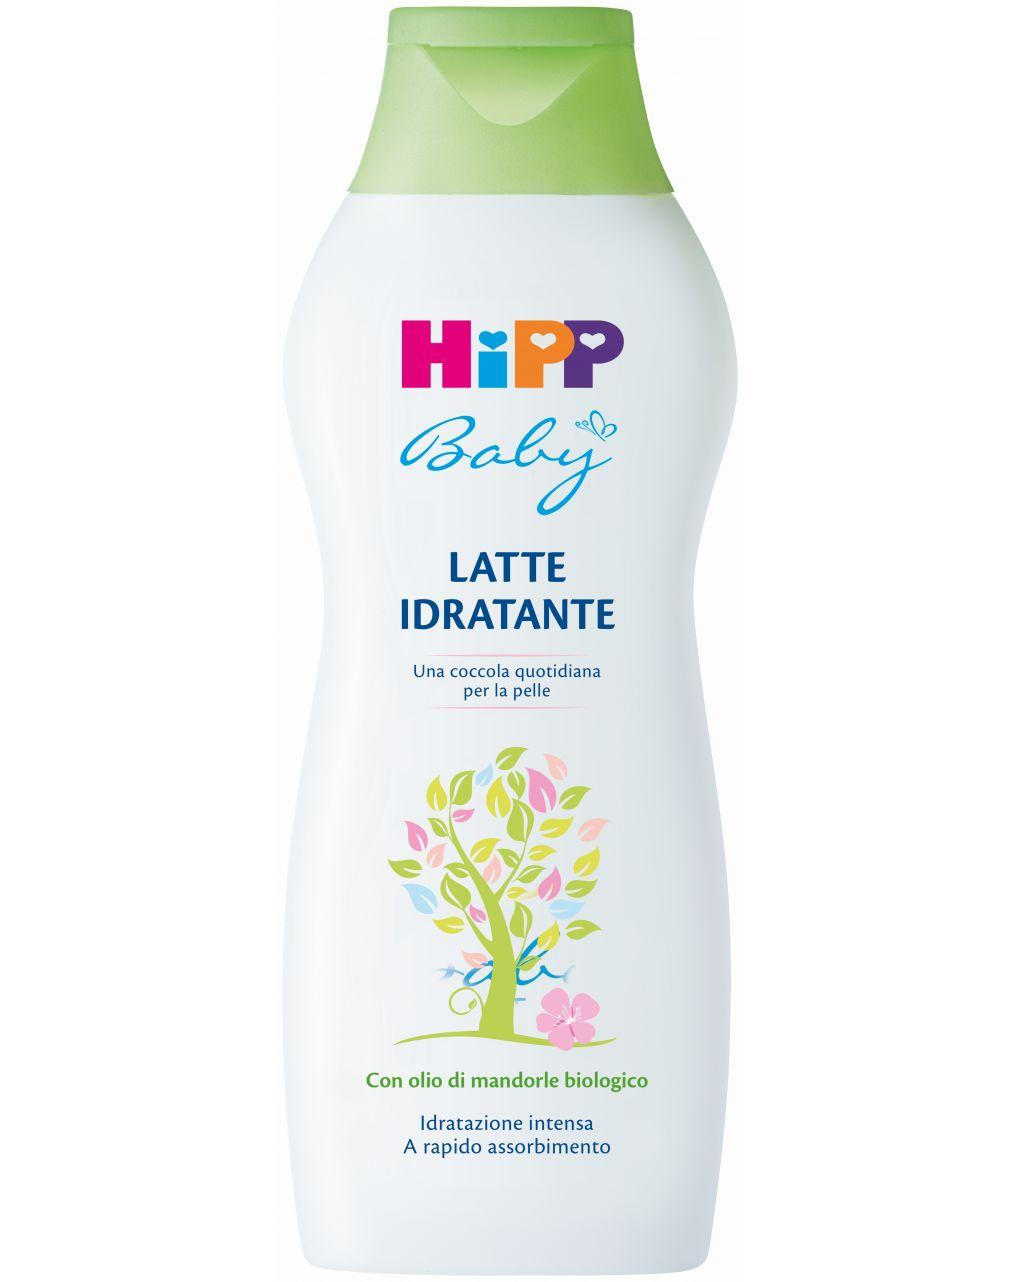 Latte idratante 350 ml - Hipp